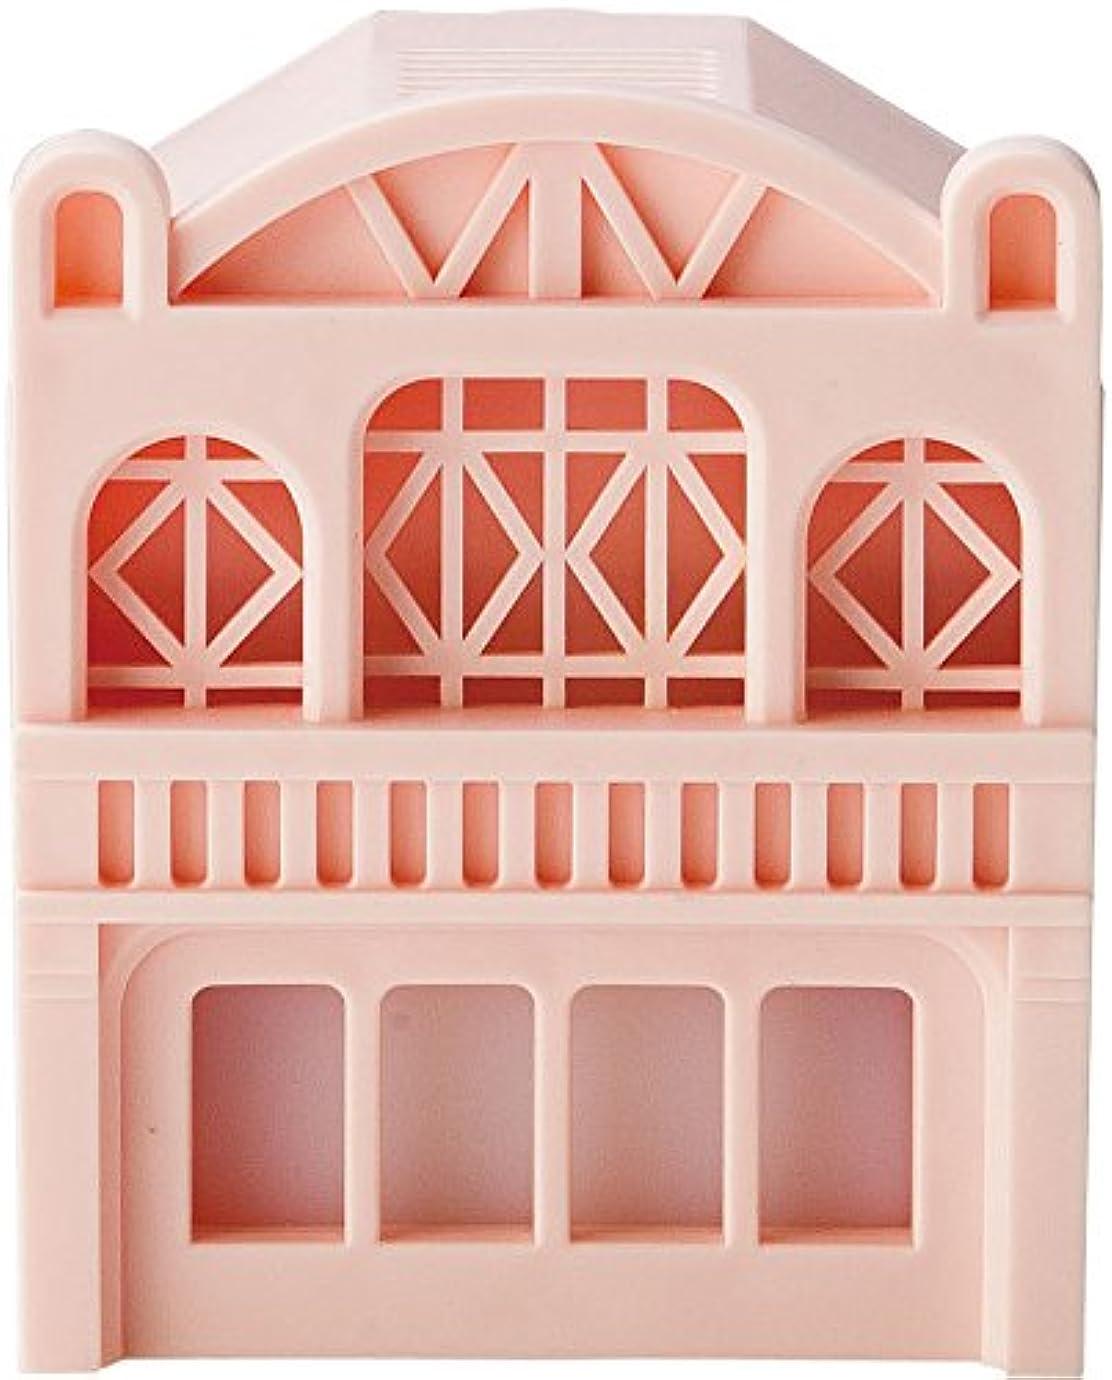 瞑想的キャンドルイブラドンナ CUTENSIL AROMA HOUSE FAN (アロマハウスファン) CU01-AHF ピンク